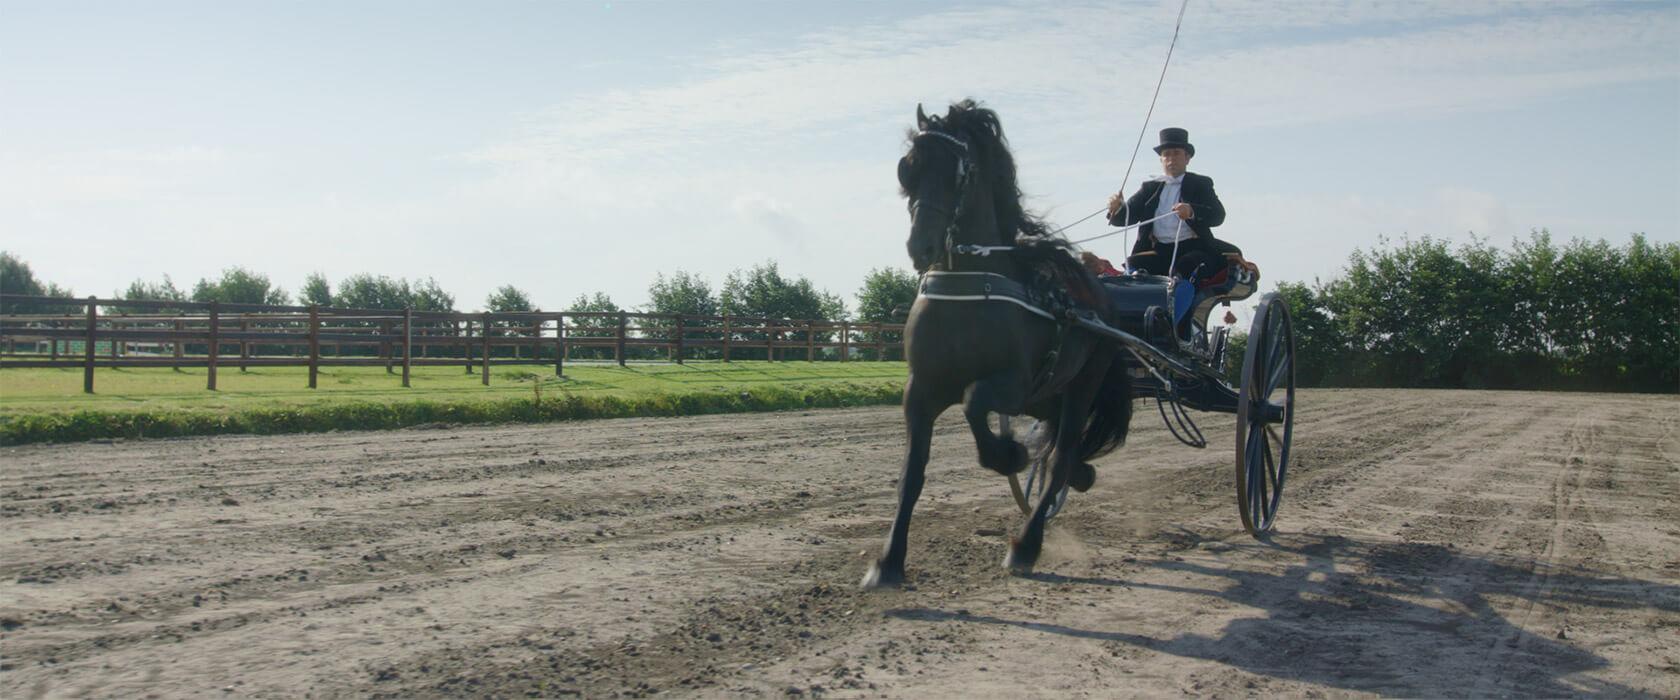 film_still_horses14_1680x700